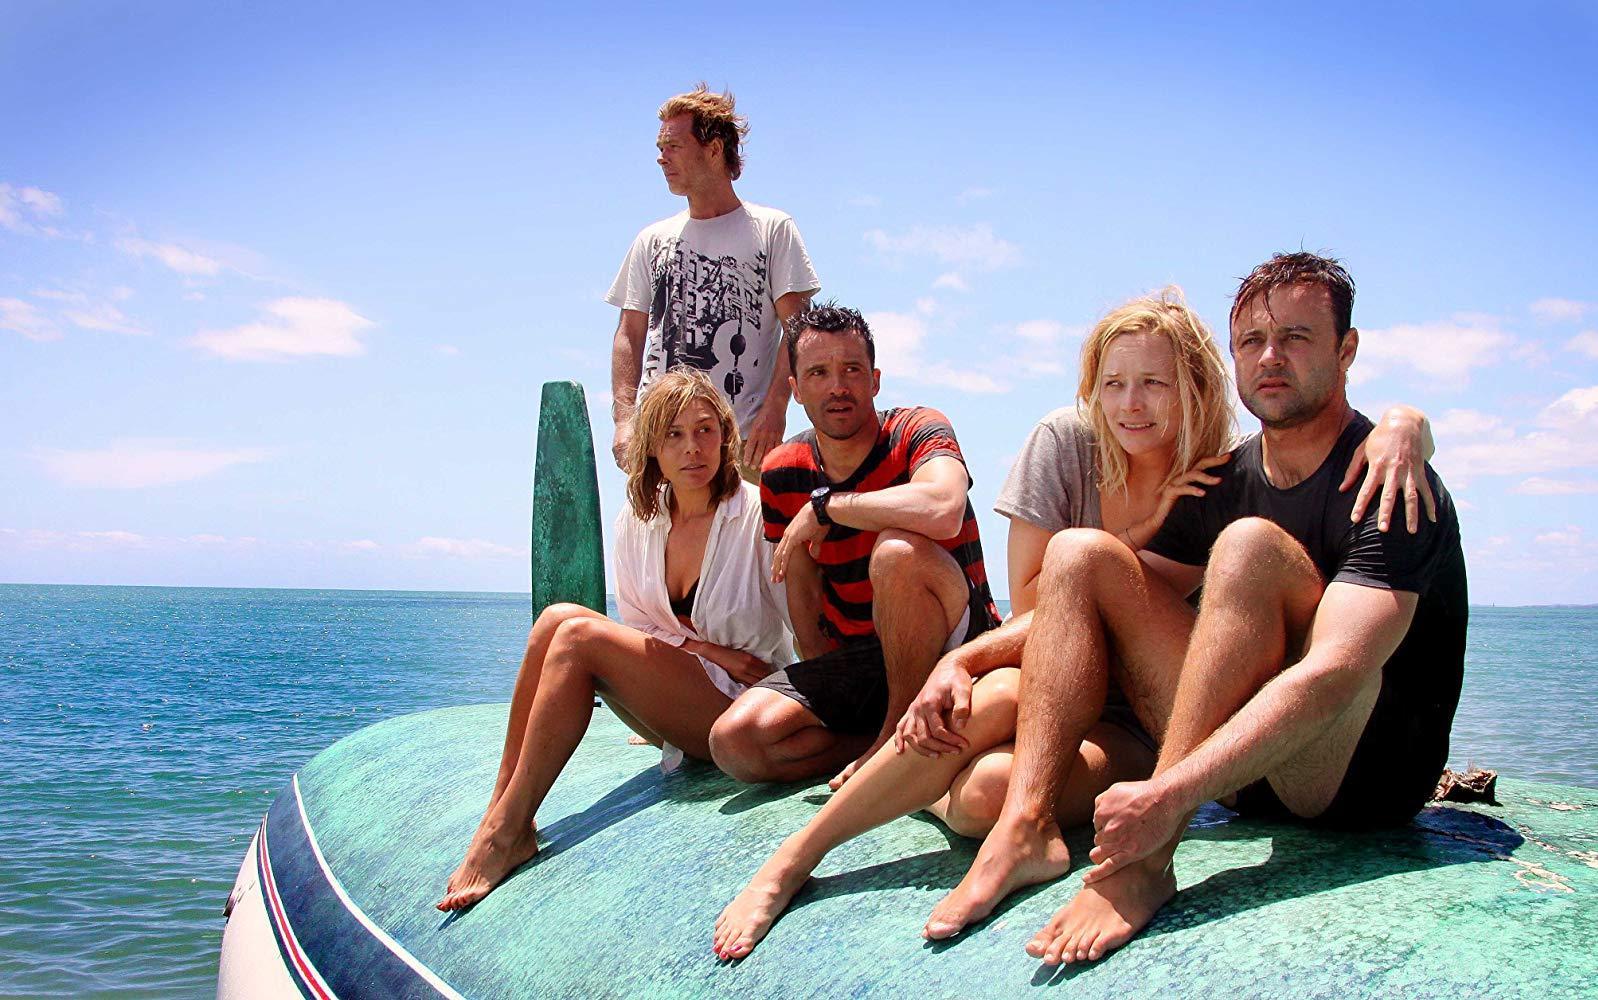 مشاهدة فيلم The Reef 2010 HD مترجم كامل اون لاين